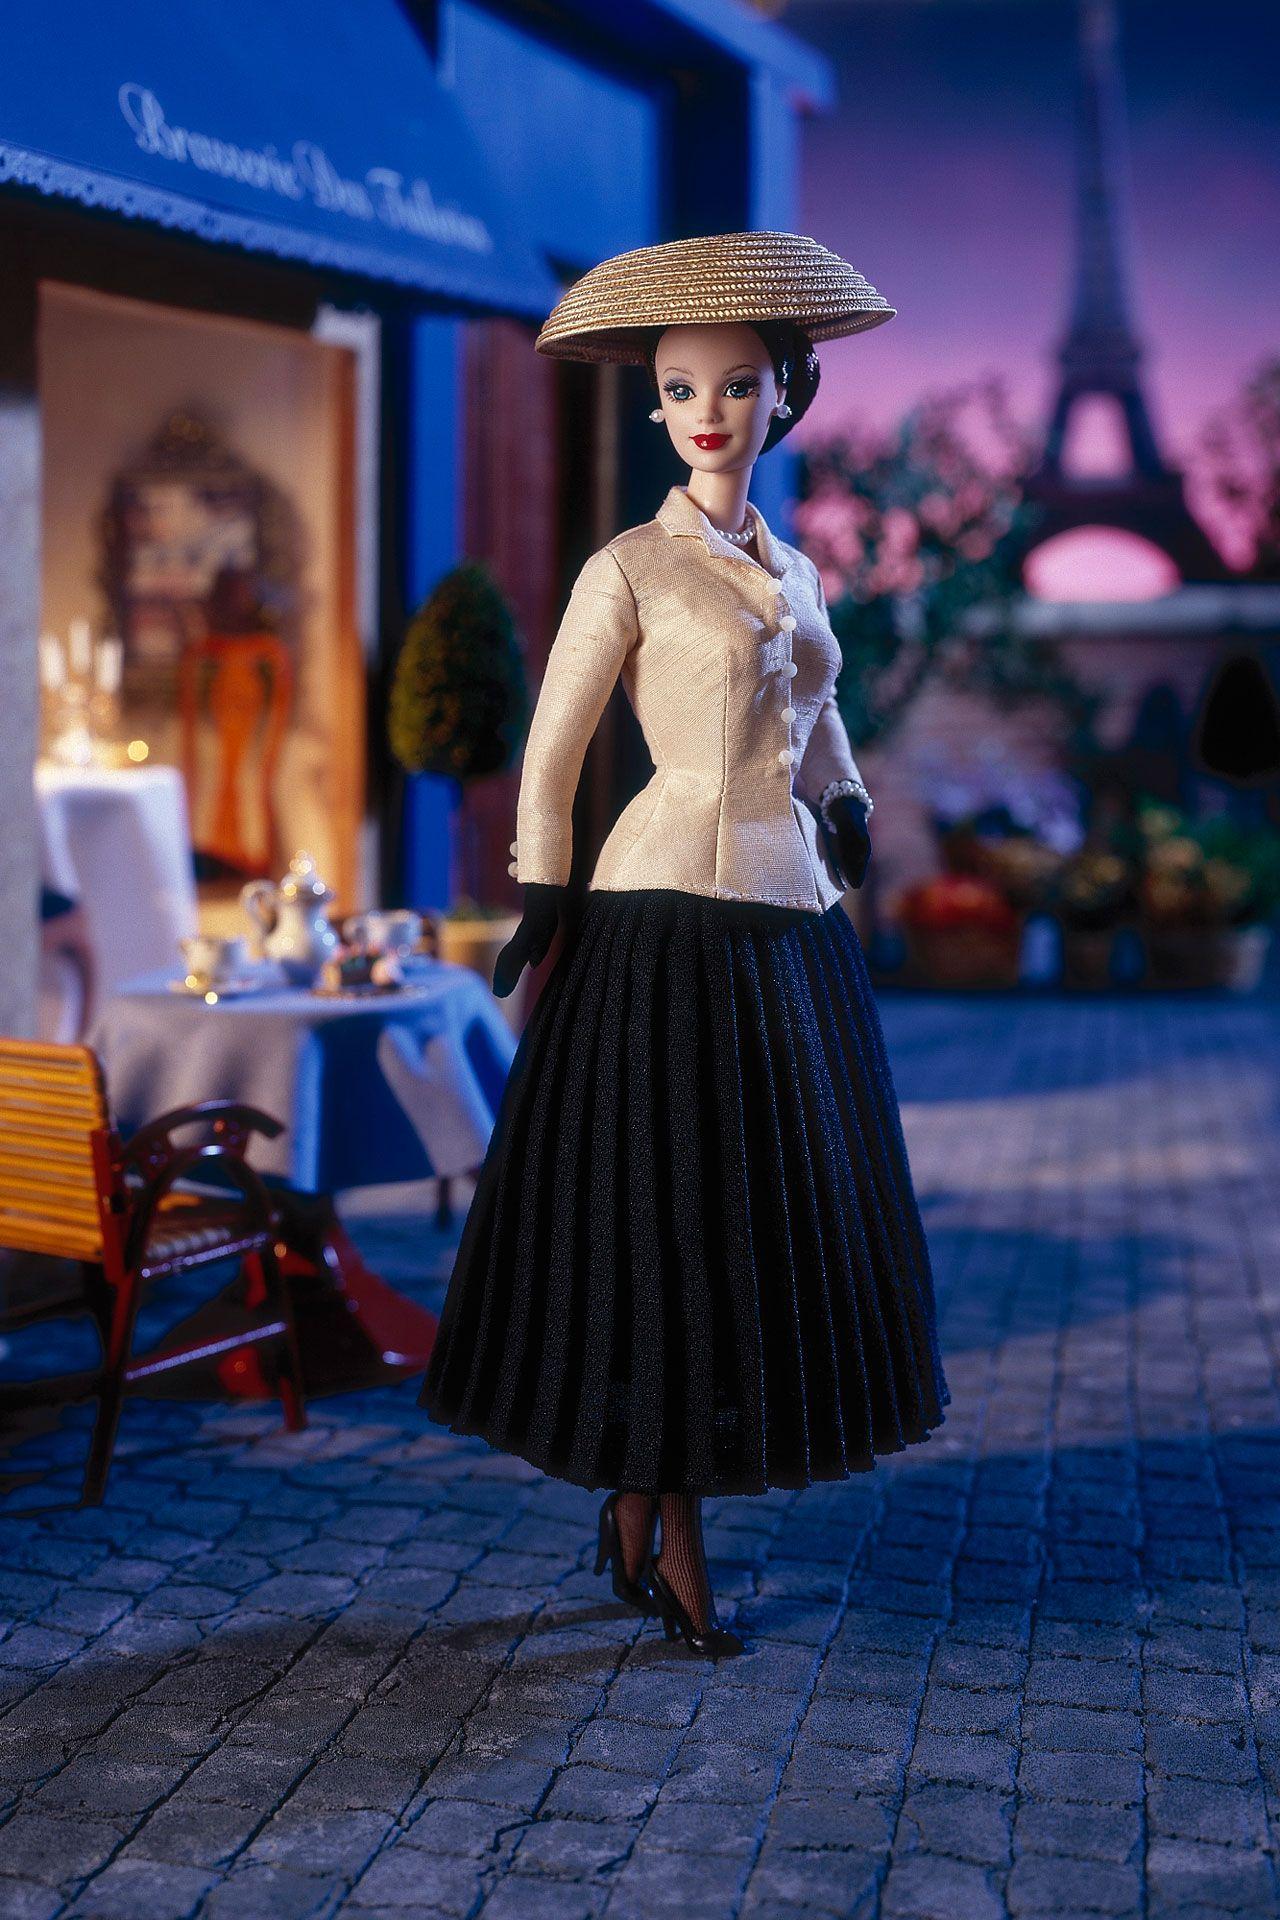 7471e8c8 The Designer's Doll - 09/01/2009 | Alysha's All About Barbie ...